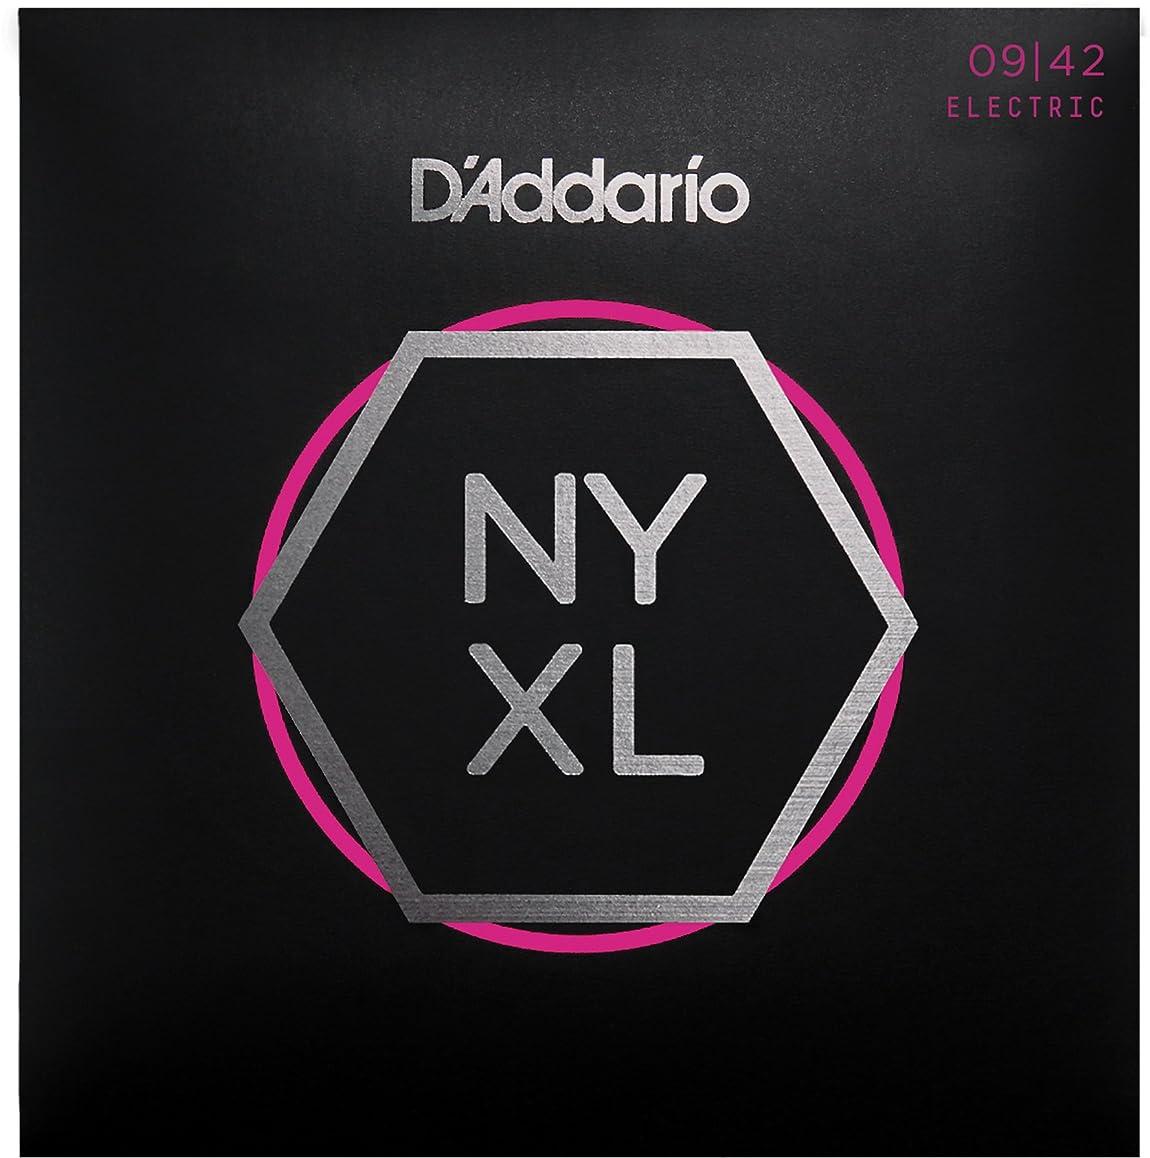 集まる環境に優しい検出するD'Addario ダダリオ エレキギター弦 NYXL SuperLight .009-.042 NYXL0942 【国内正規品】